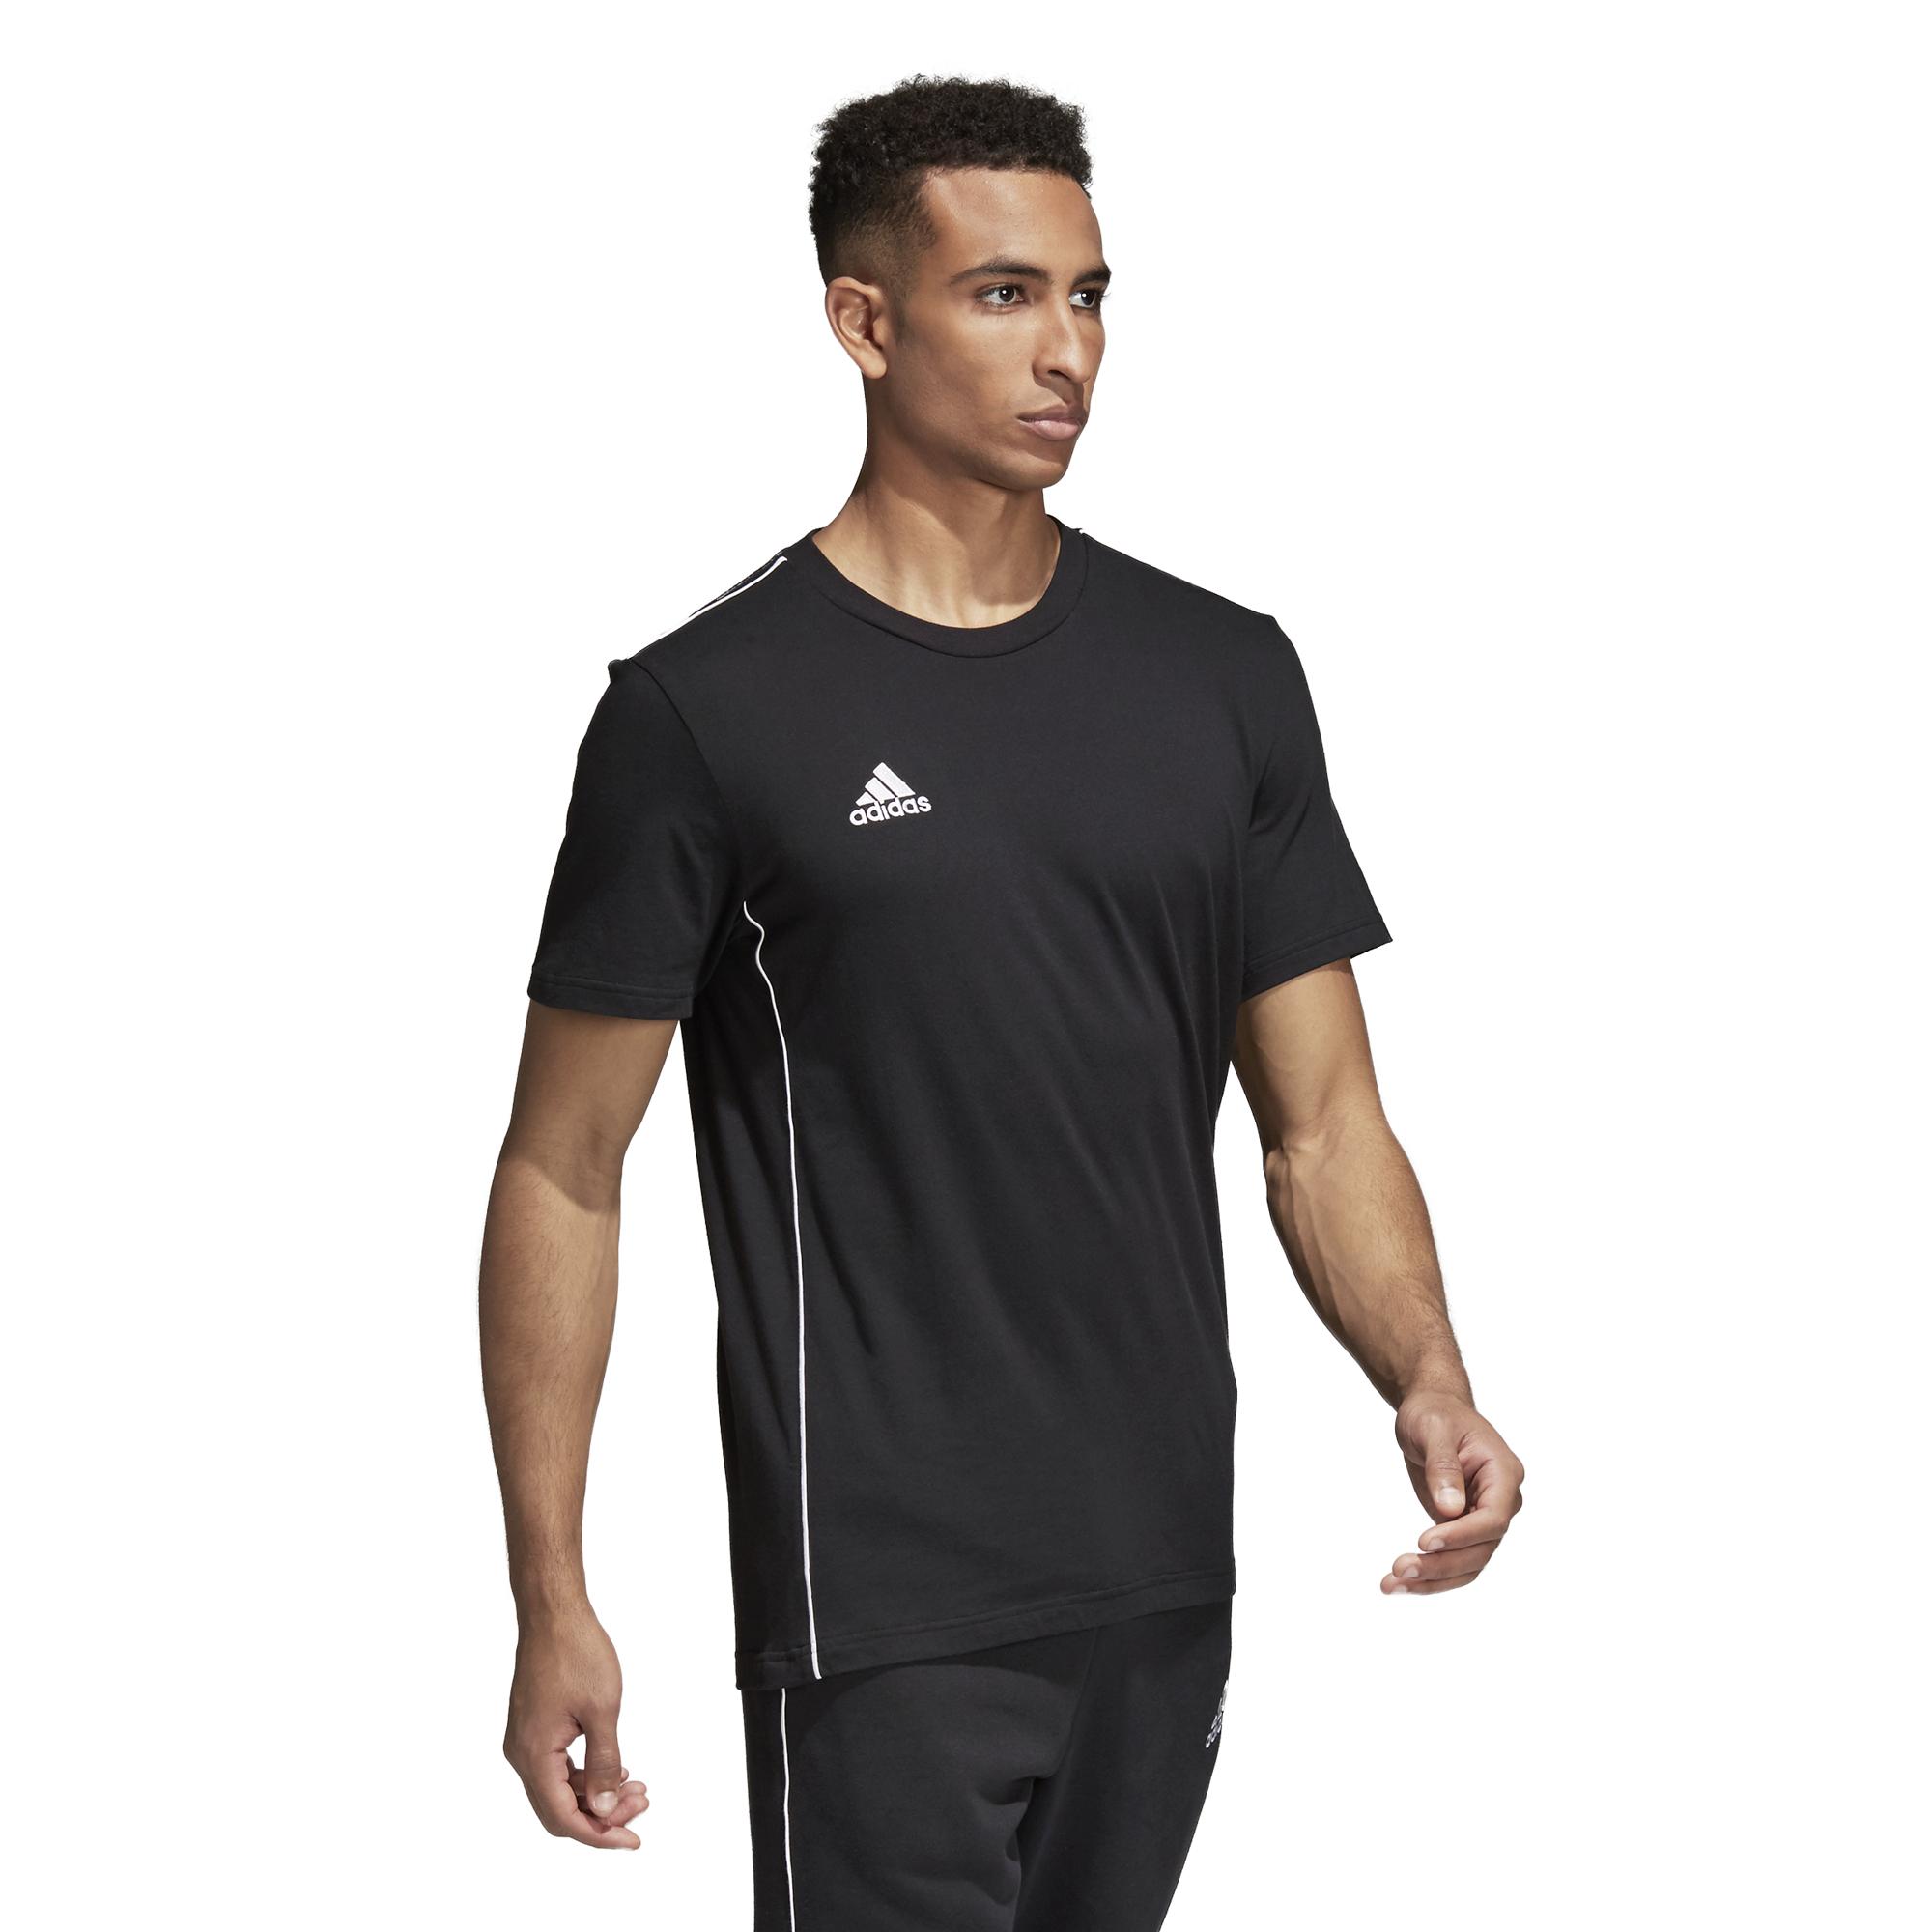 a37ea6ee83a15a koszulka adidas Męska CORE 18 CE9063 || timsport.pl - dodatkowe ...